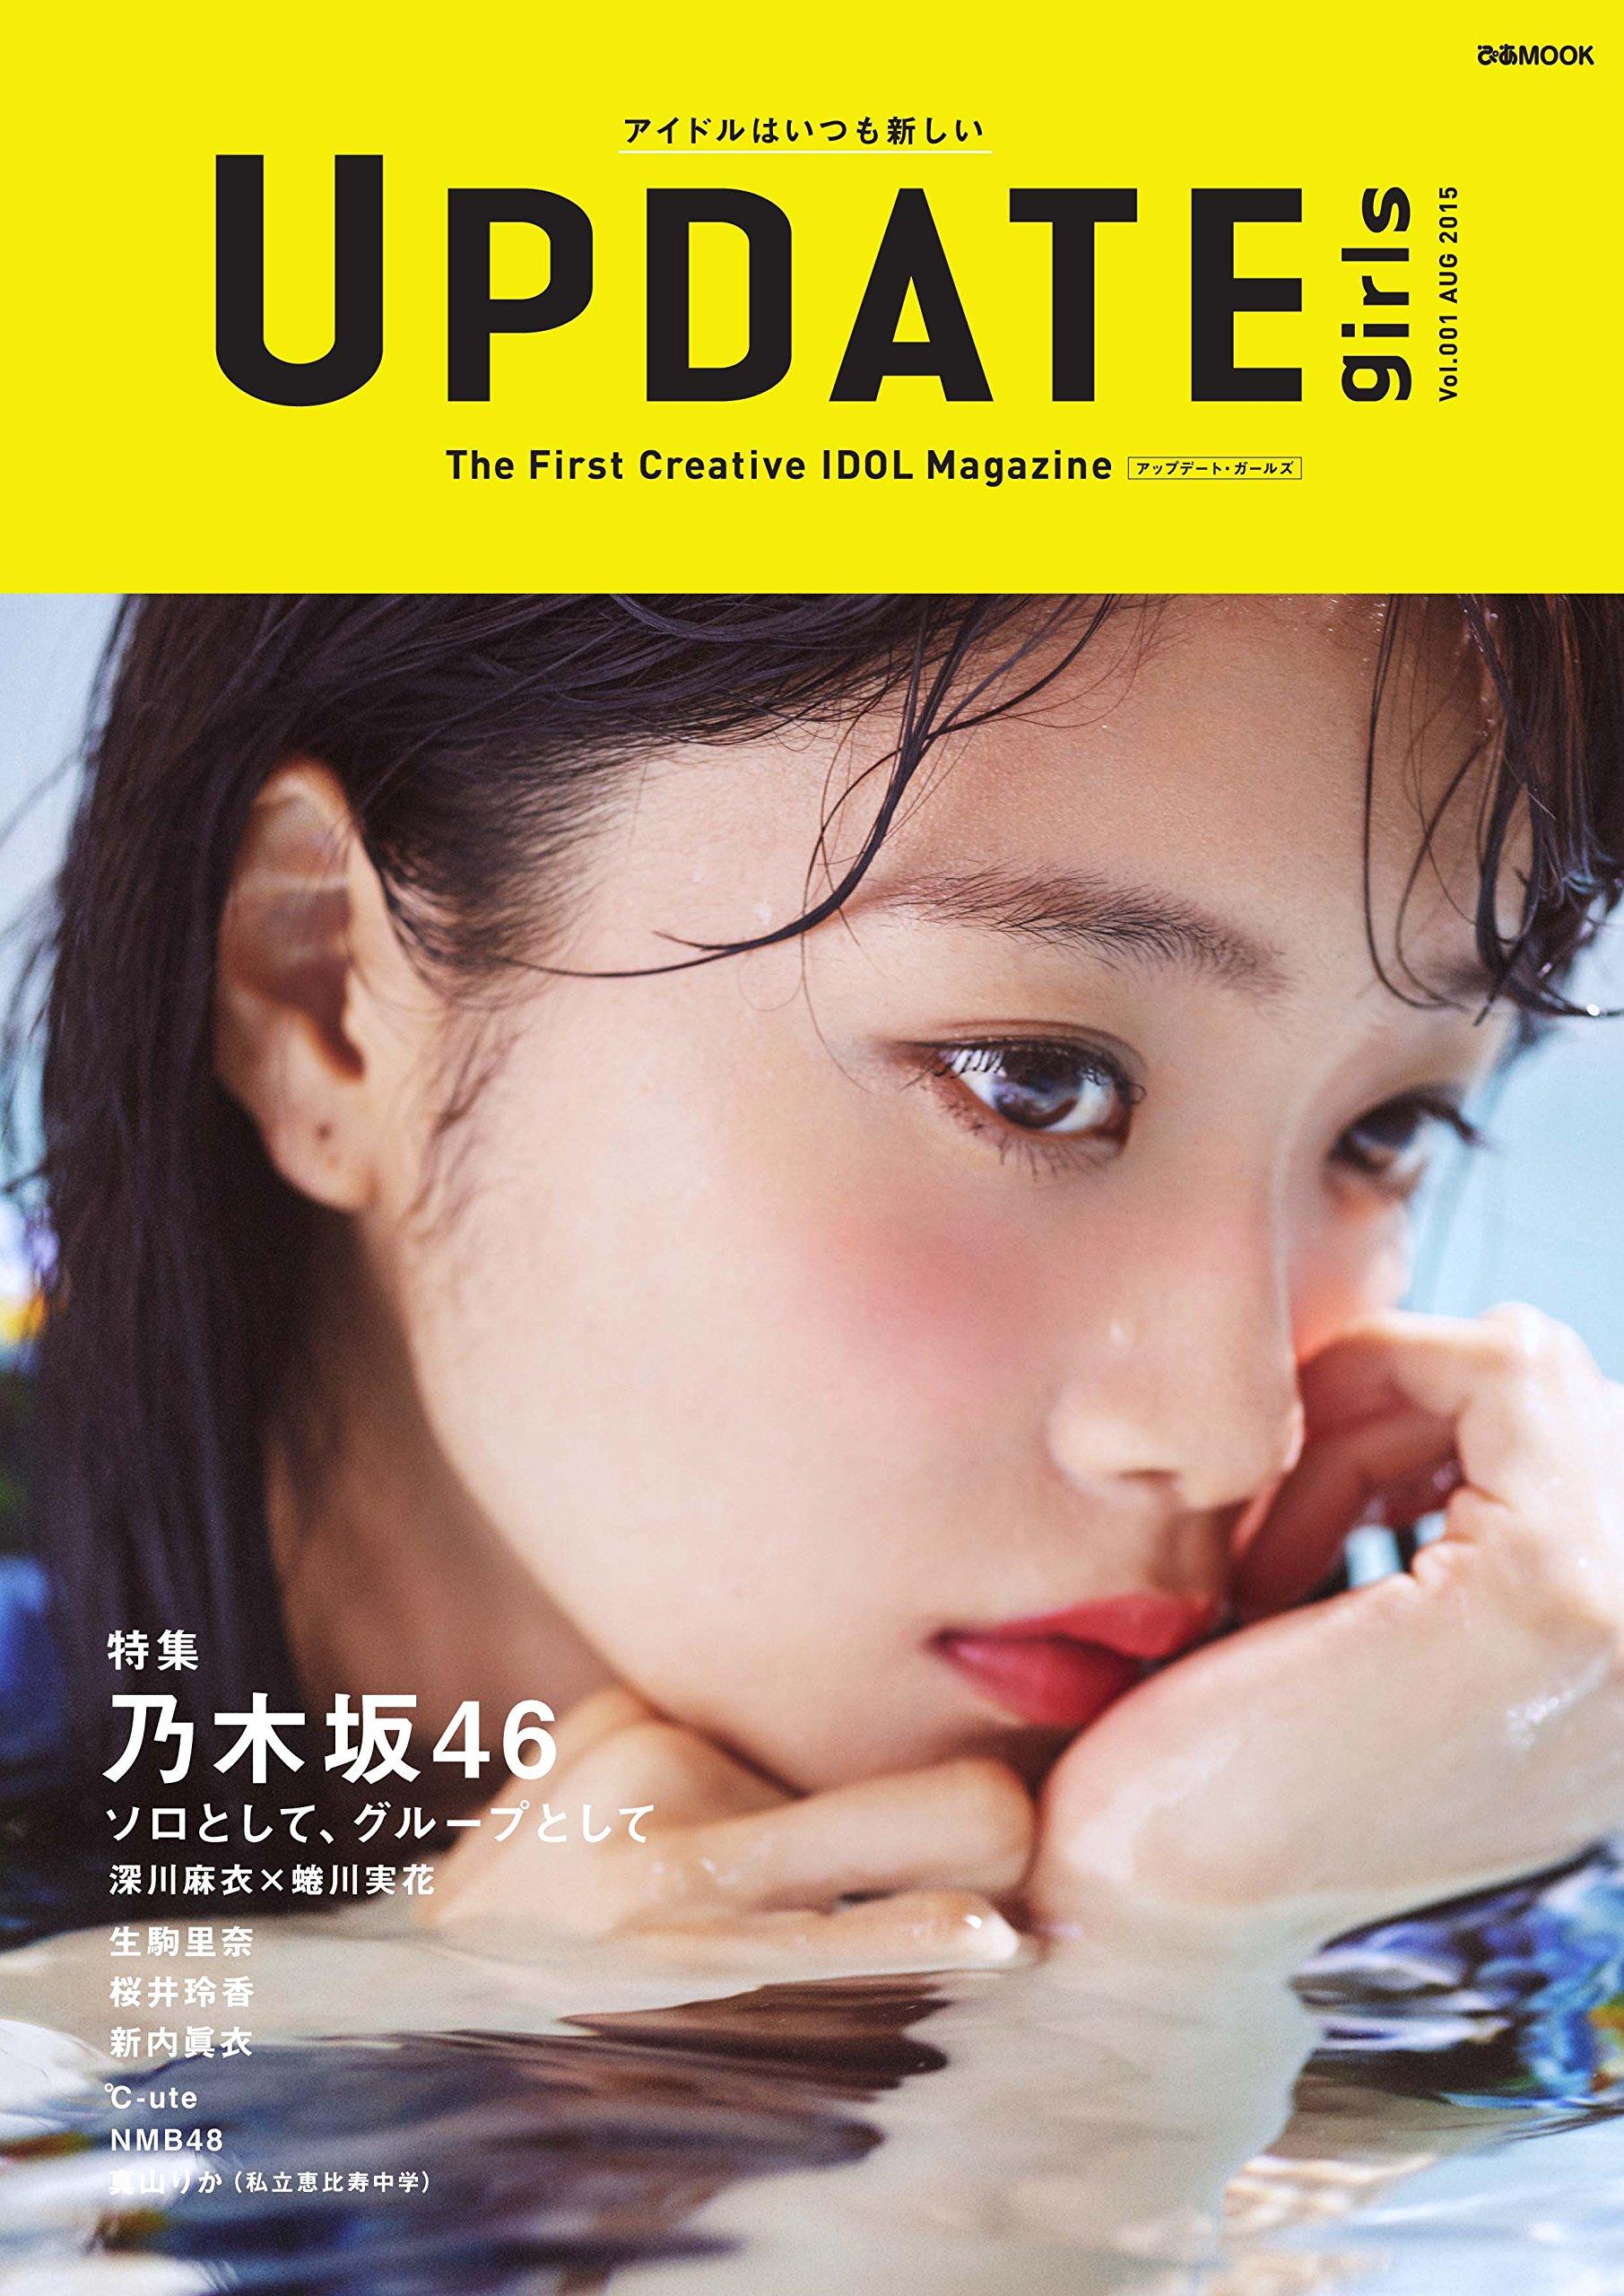 乃木坂46深川麻衣ソロ表紙 UPDATE girls vol.1 蜷川実花撮影